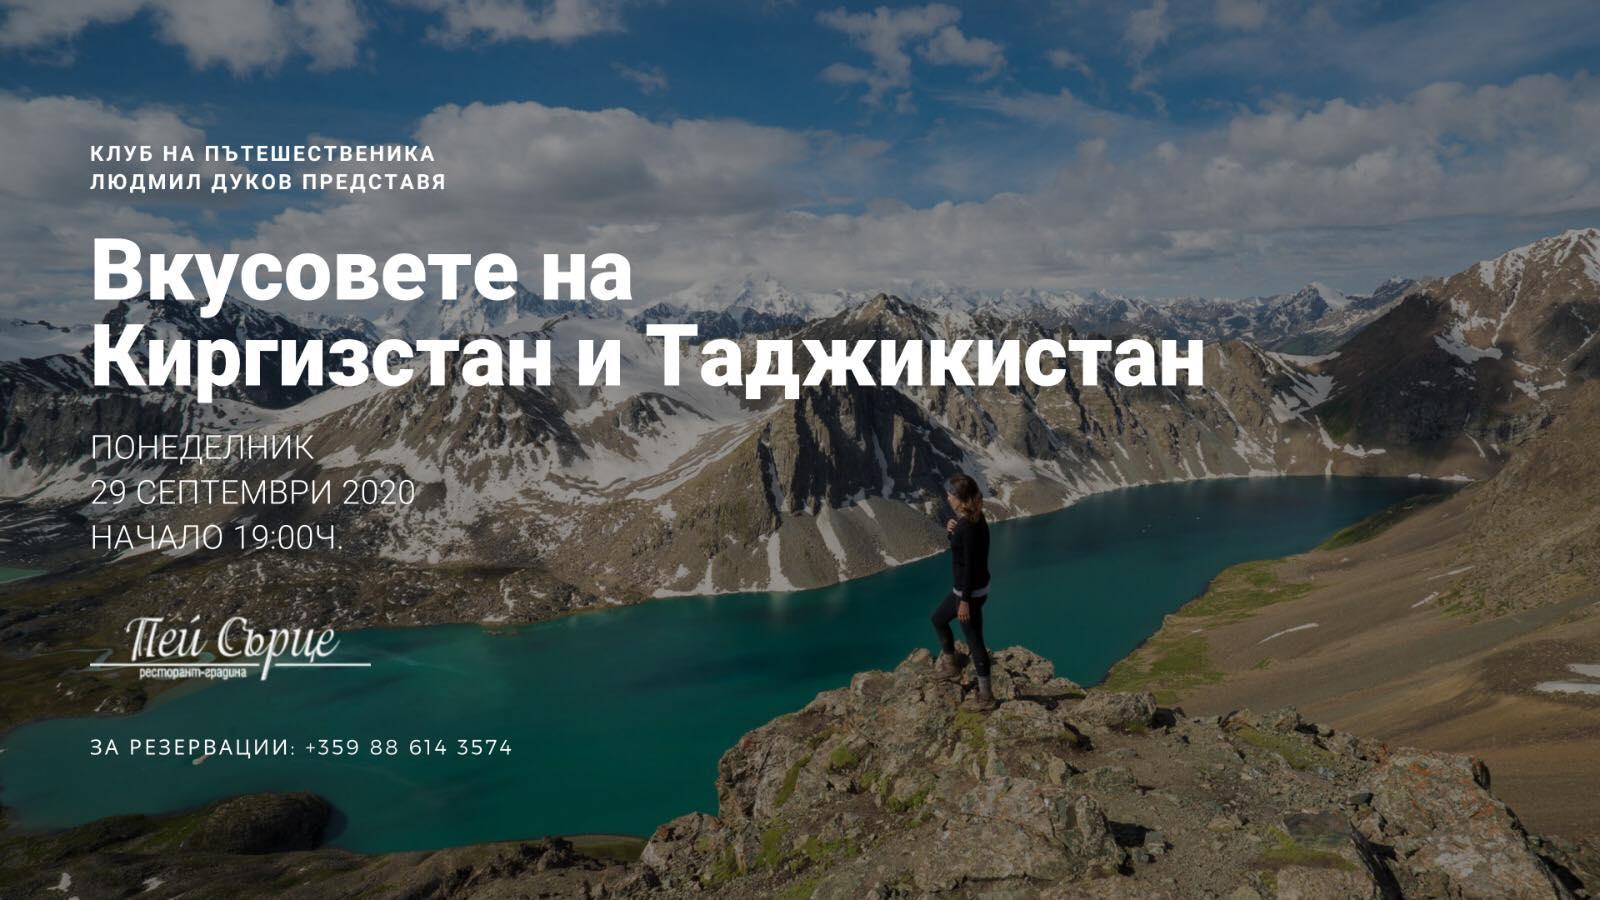 29 септември - Вкусовете на Киргизстан и Таджикистан с Людмил Дуков